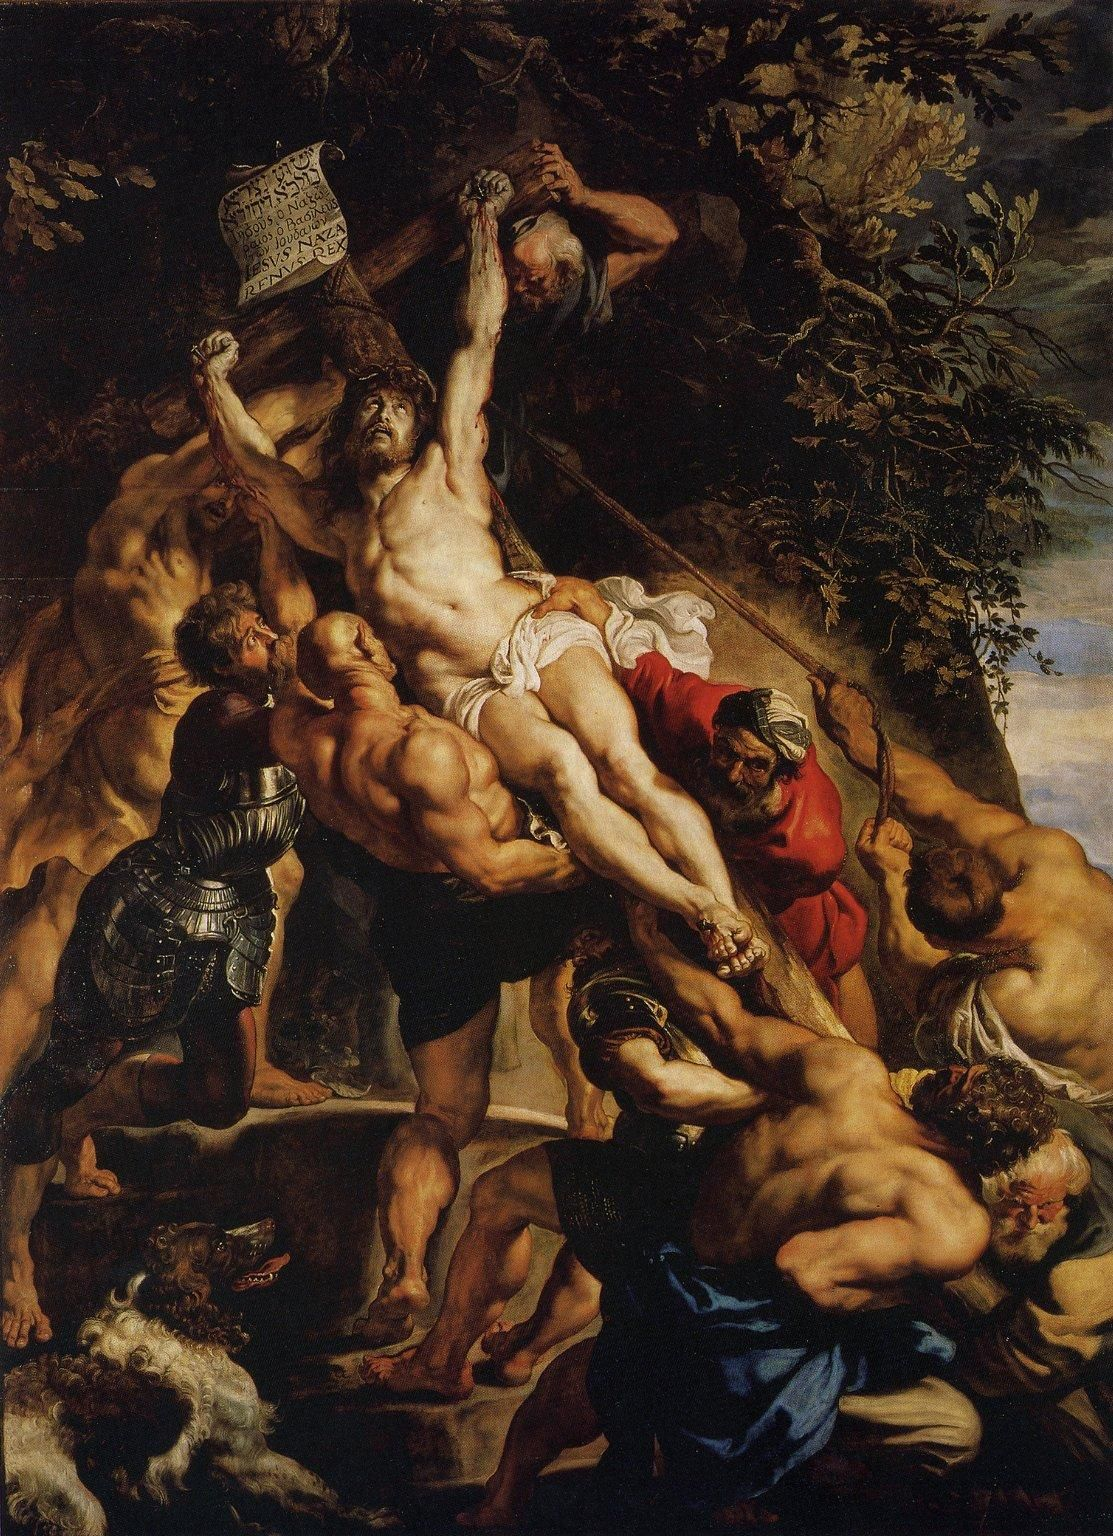 Több mint 8 millió dollárért kelt el egy Rubens-rajz, nagy vita előzte meg